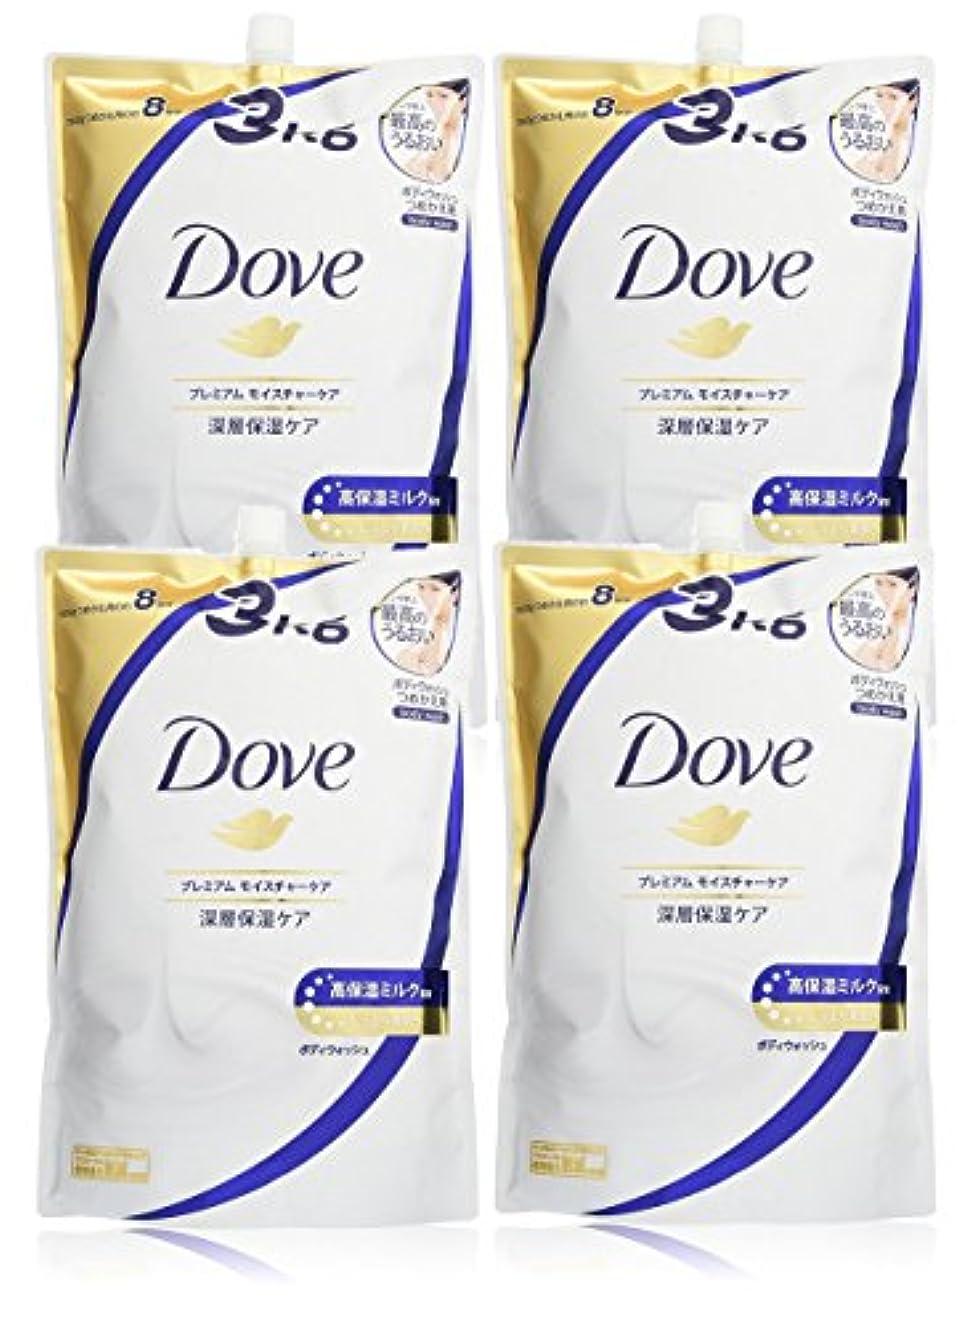 グラマー誠実さ擬人【ケース販売】 Dove(ダヴ) ボディウォッシュ プレミアム モイスチャーケア つめかえ用 3kg×4個